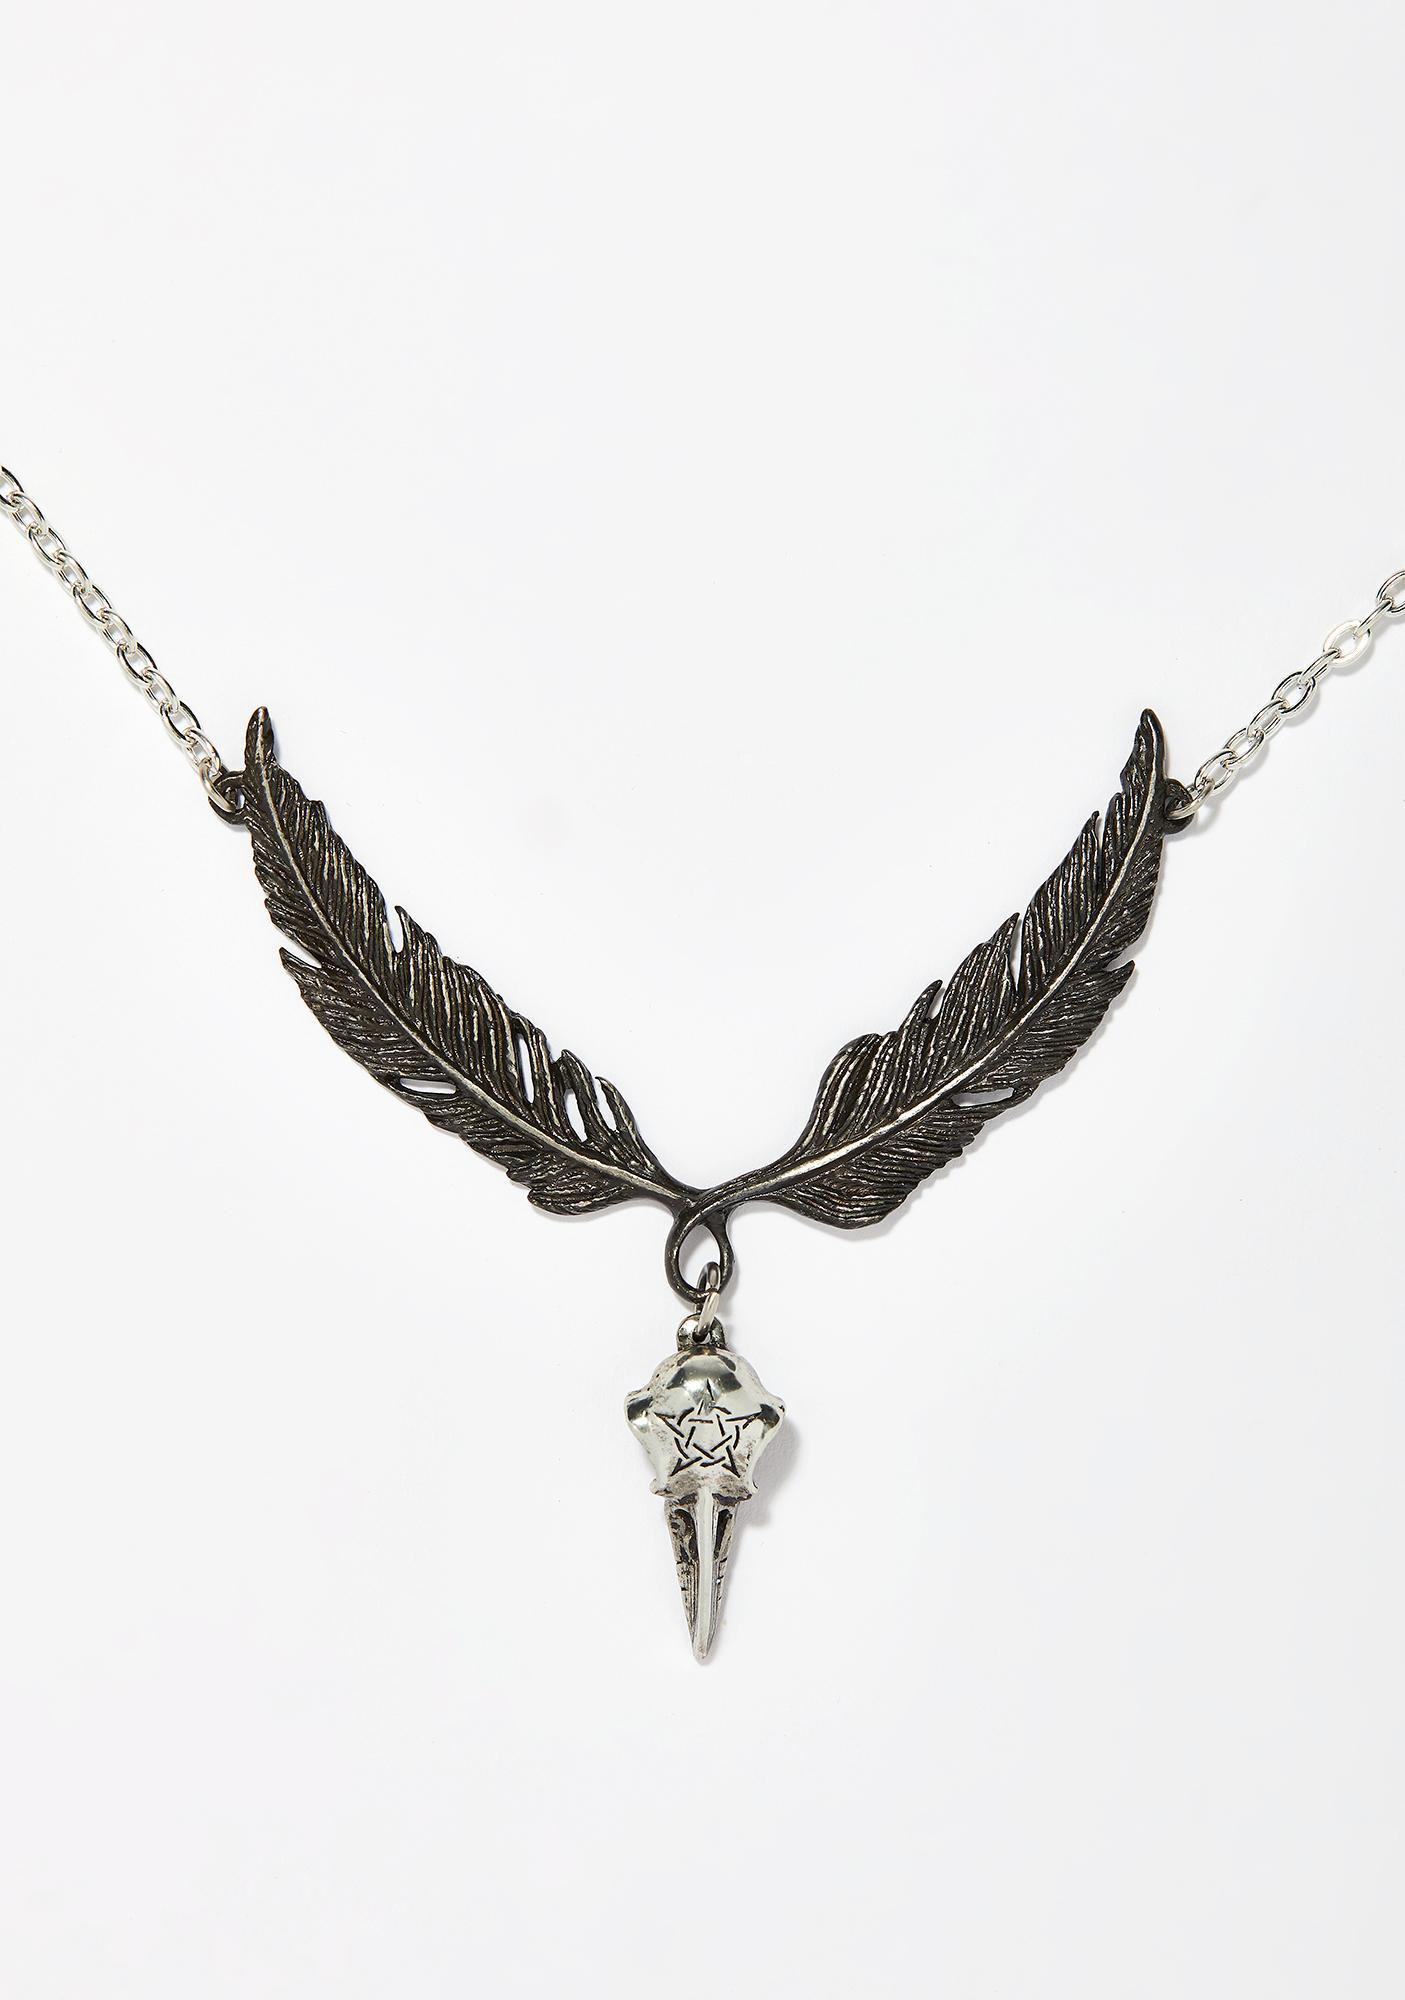 Alchemy England Incrowtation Necklace